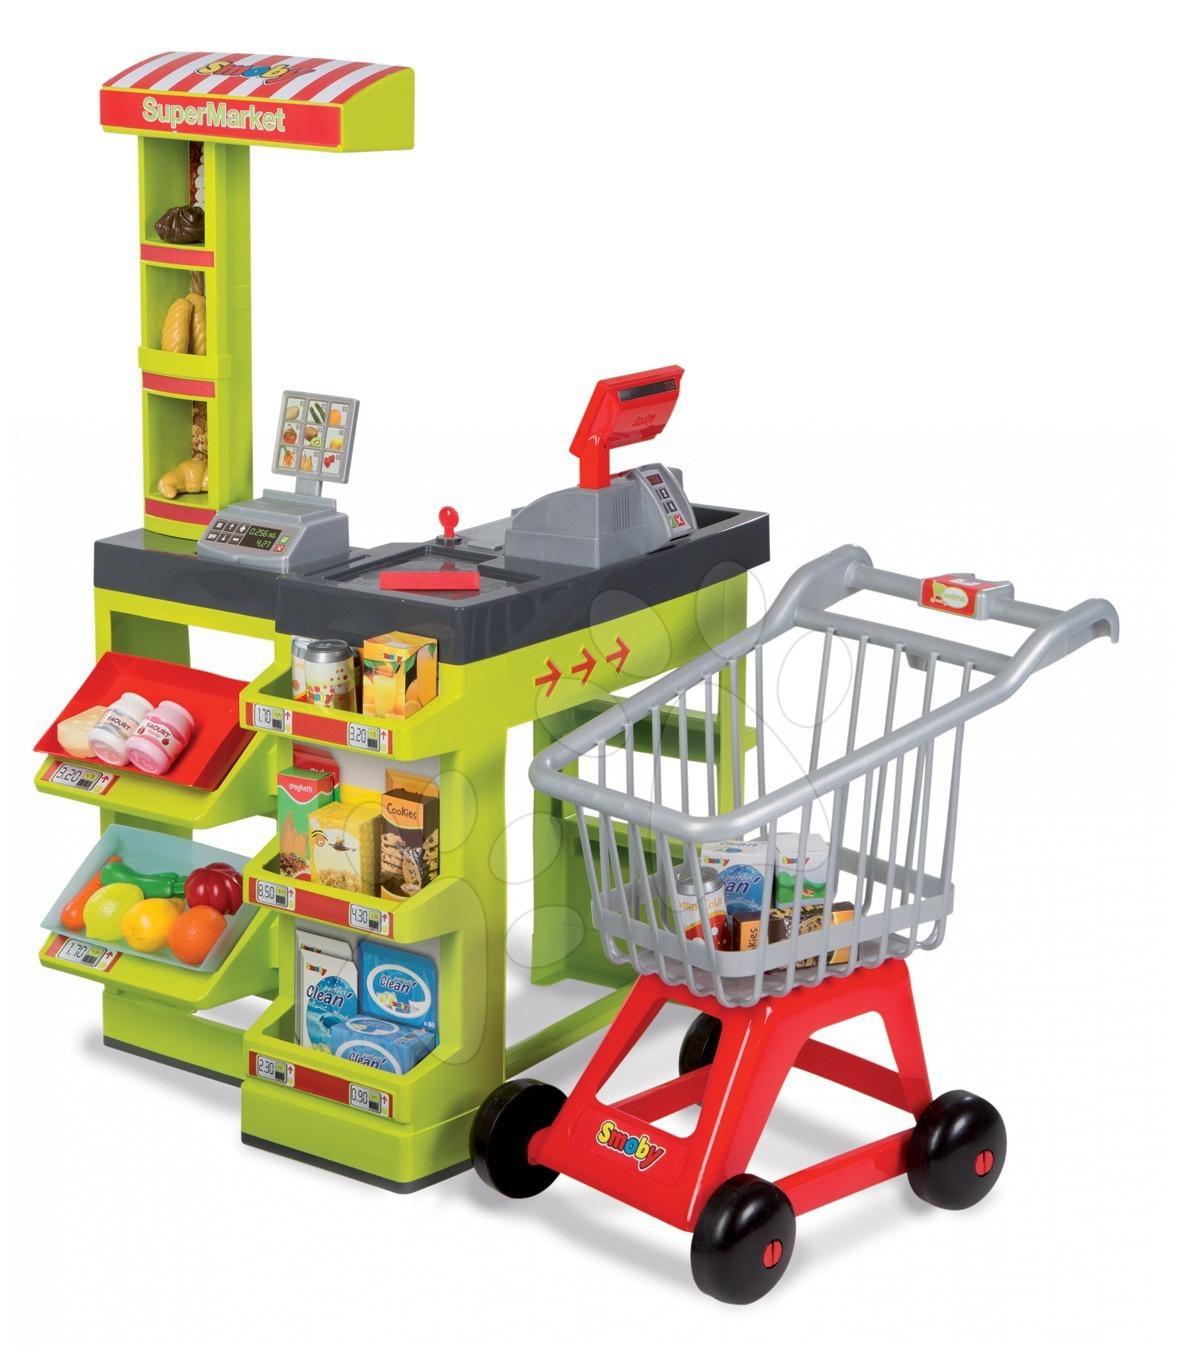 Obchod SuperMarket Smoby se zvukem, světlem a nákupním vozíkem se 47 doplňky